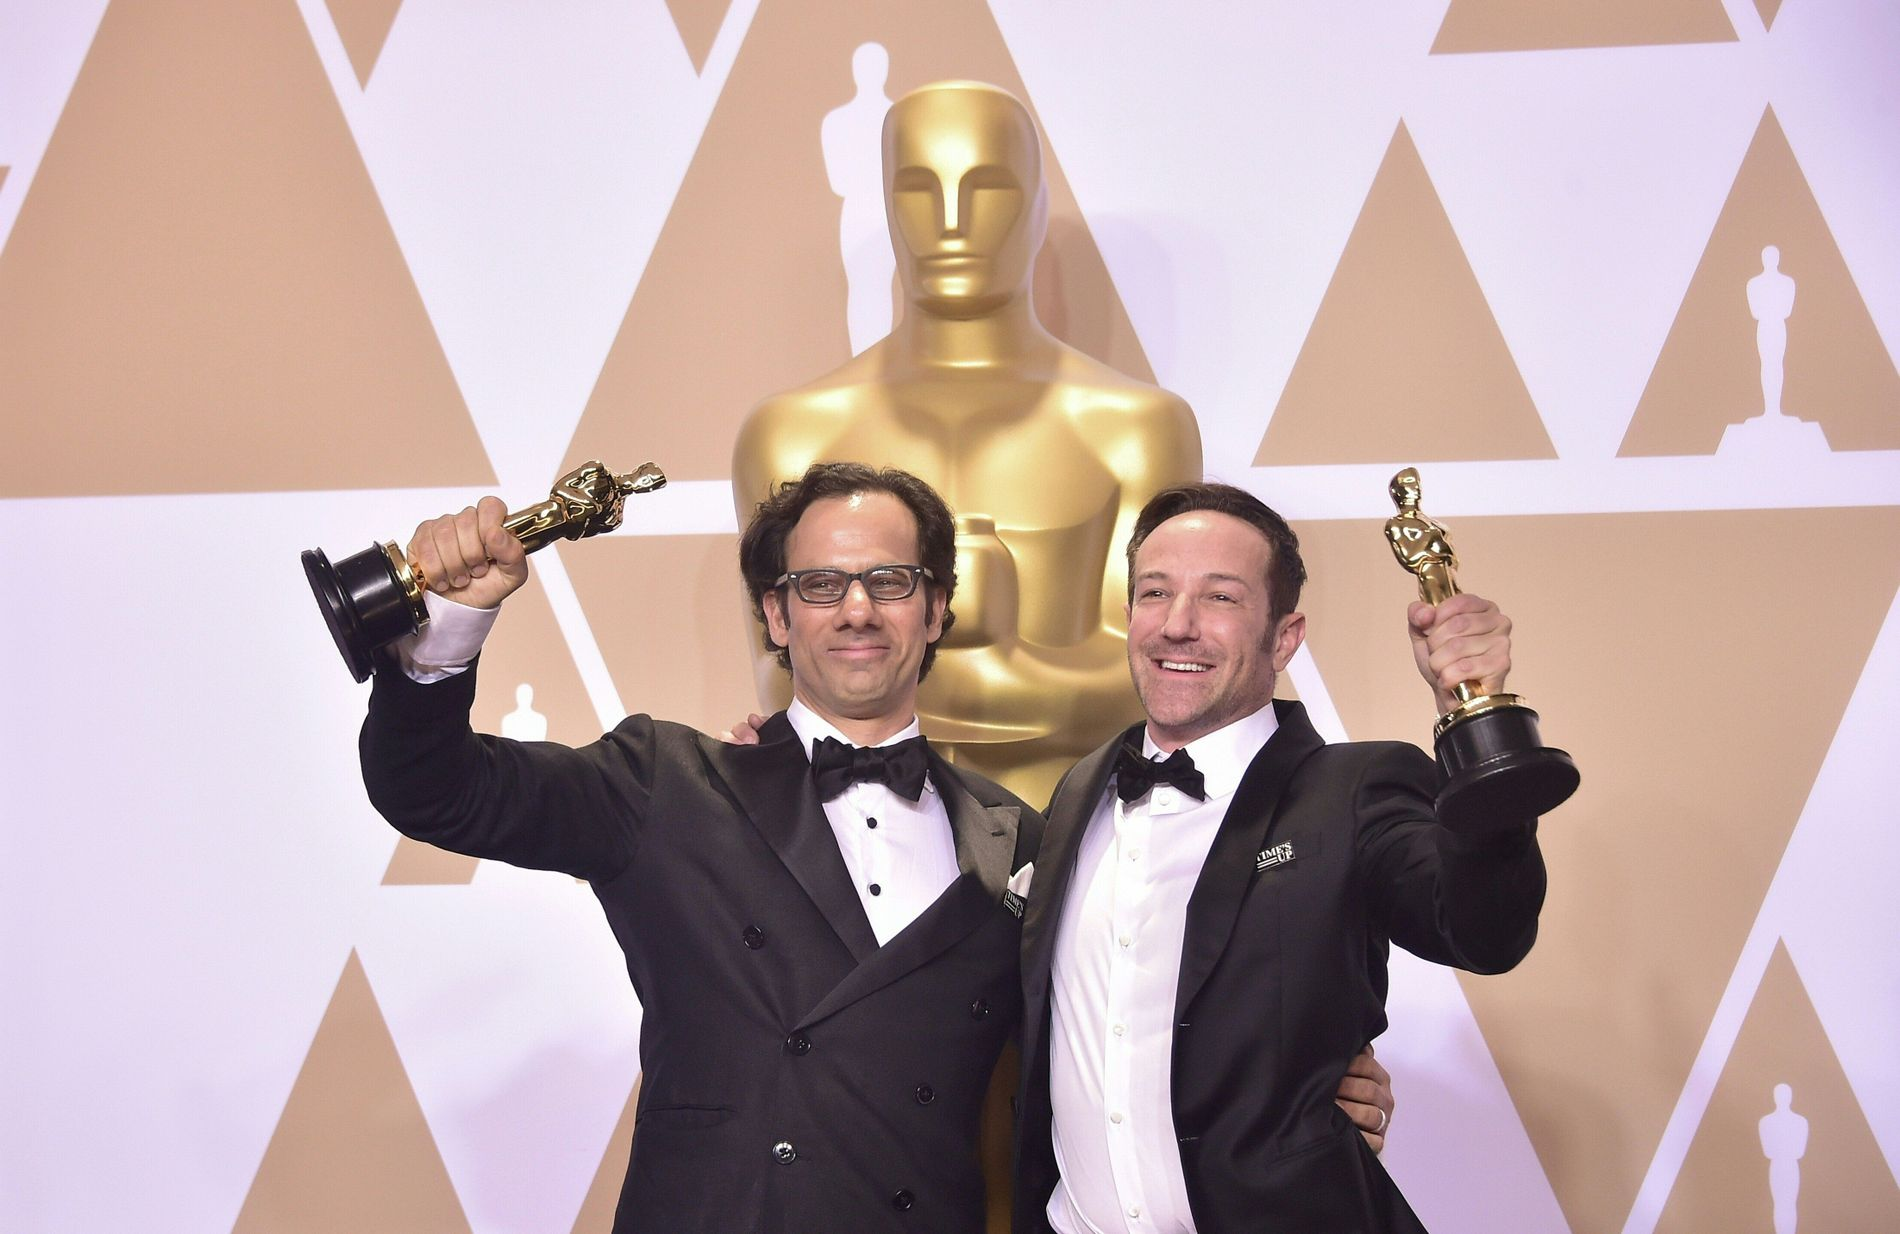 HEDRET: Dan Cogen og Bryan Fogel ble Oscar-hedret for dokumentaren «Icarus». Men varsleren i filmen, Grigorij Rodtsjenkov, kunne ikke være med på festlighetene. Han lever på hemmelig adresse.